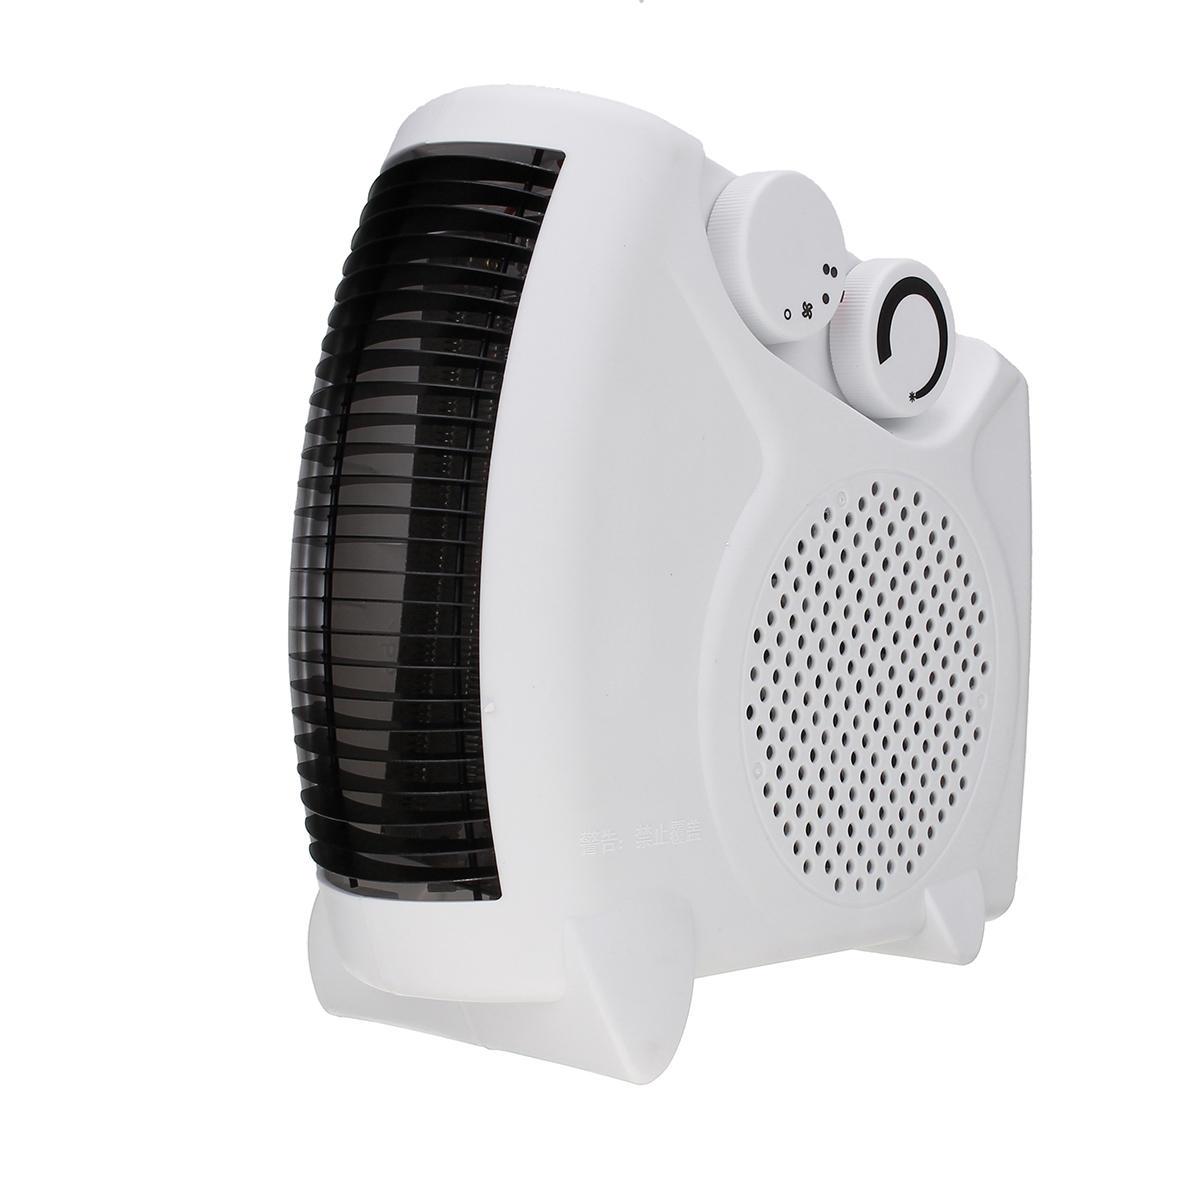 220V 1800W Mini Mute Electric Heater 3 Speeds Heat Cool Dual-Use Fan Portable Home Office Desktop Warmer